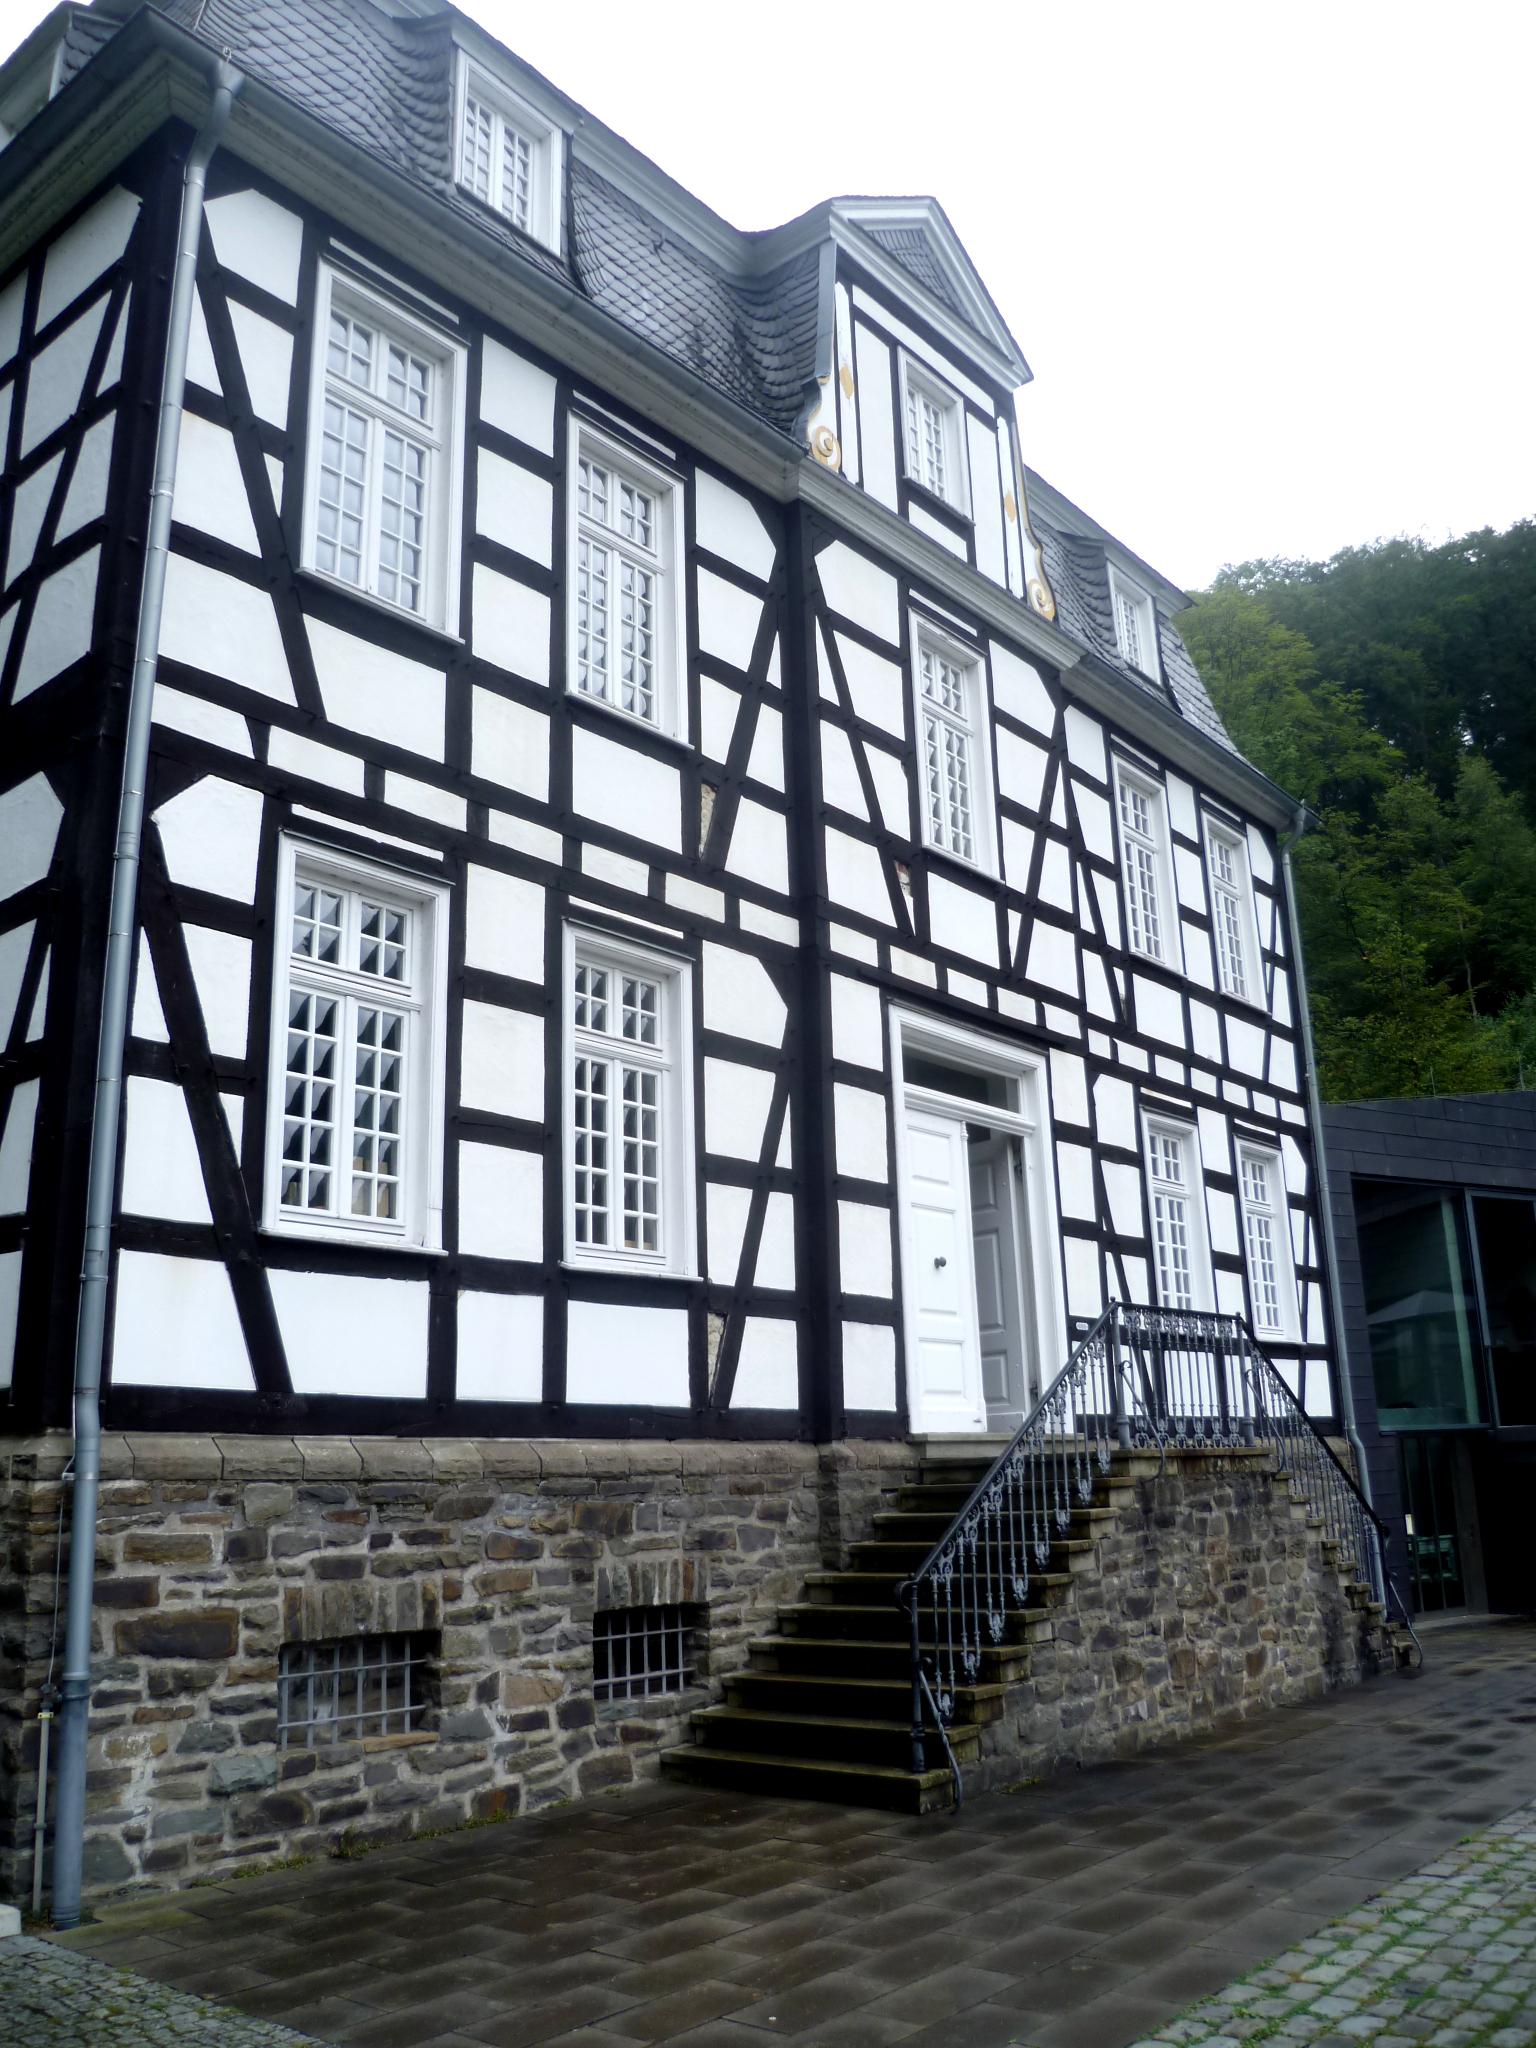 Ein großes Barock Fachwerkhaus, mit einem mit dunklen Schindeln gedeckten Dach. Das Haus ist weiß mit schwarzen Balken. Das Fundament besteht aus Stein, und man gelangt über eine Steintreppe in die erste Etage. Das Gebäude ist sehr stattlich.